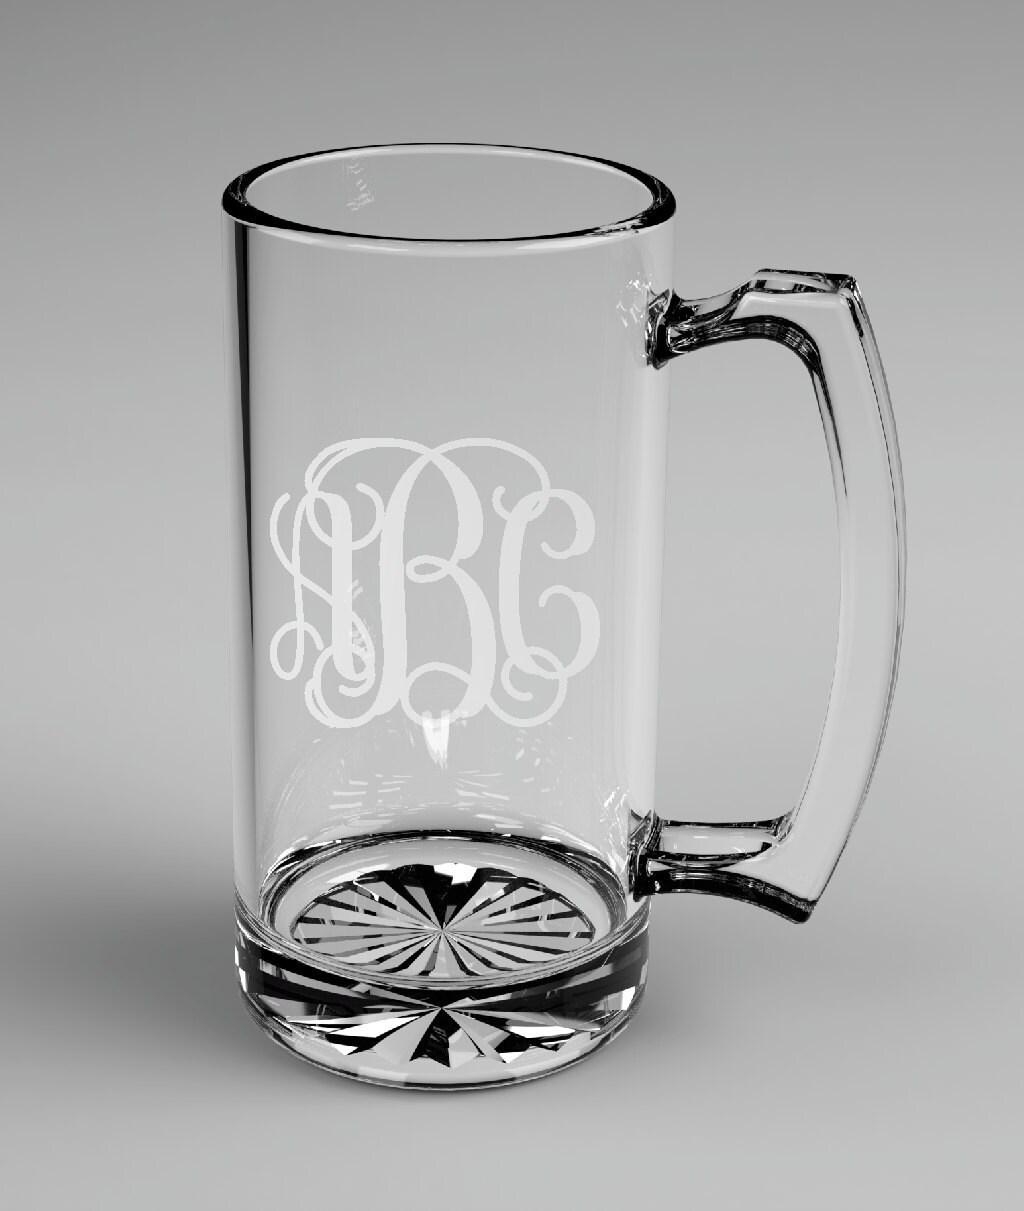 ... Groomsman Vine Monogram Beer Mugs Custom Engraved Wedding Gift